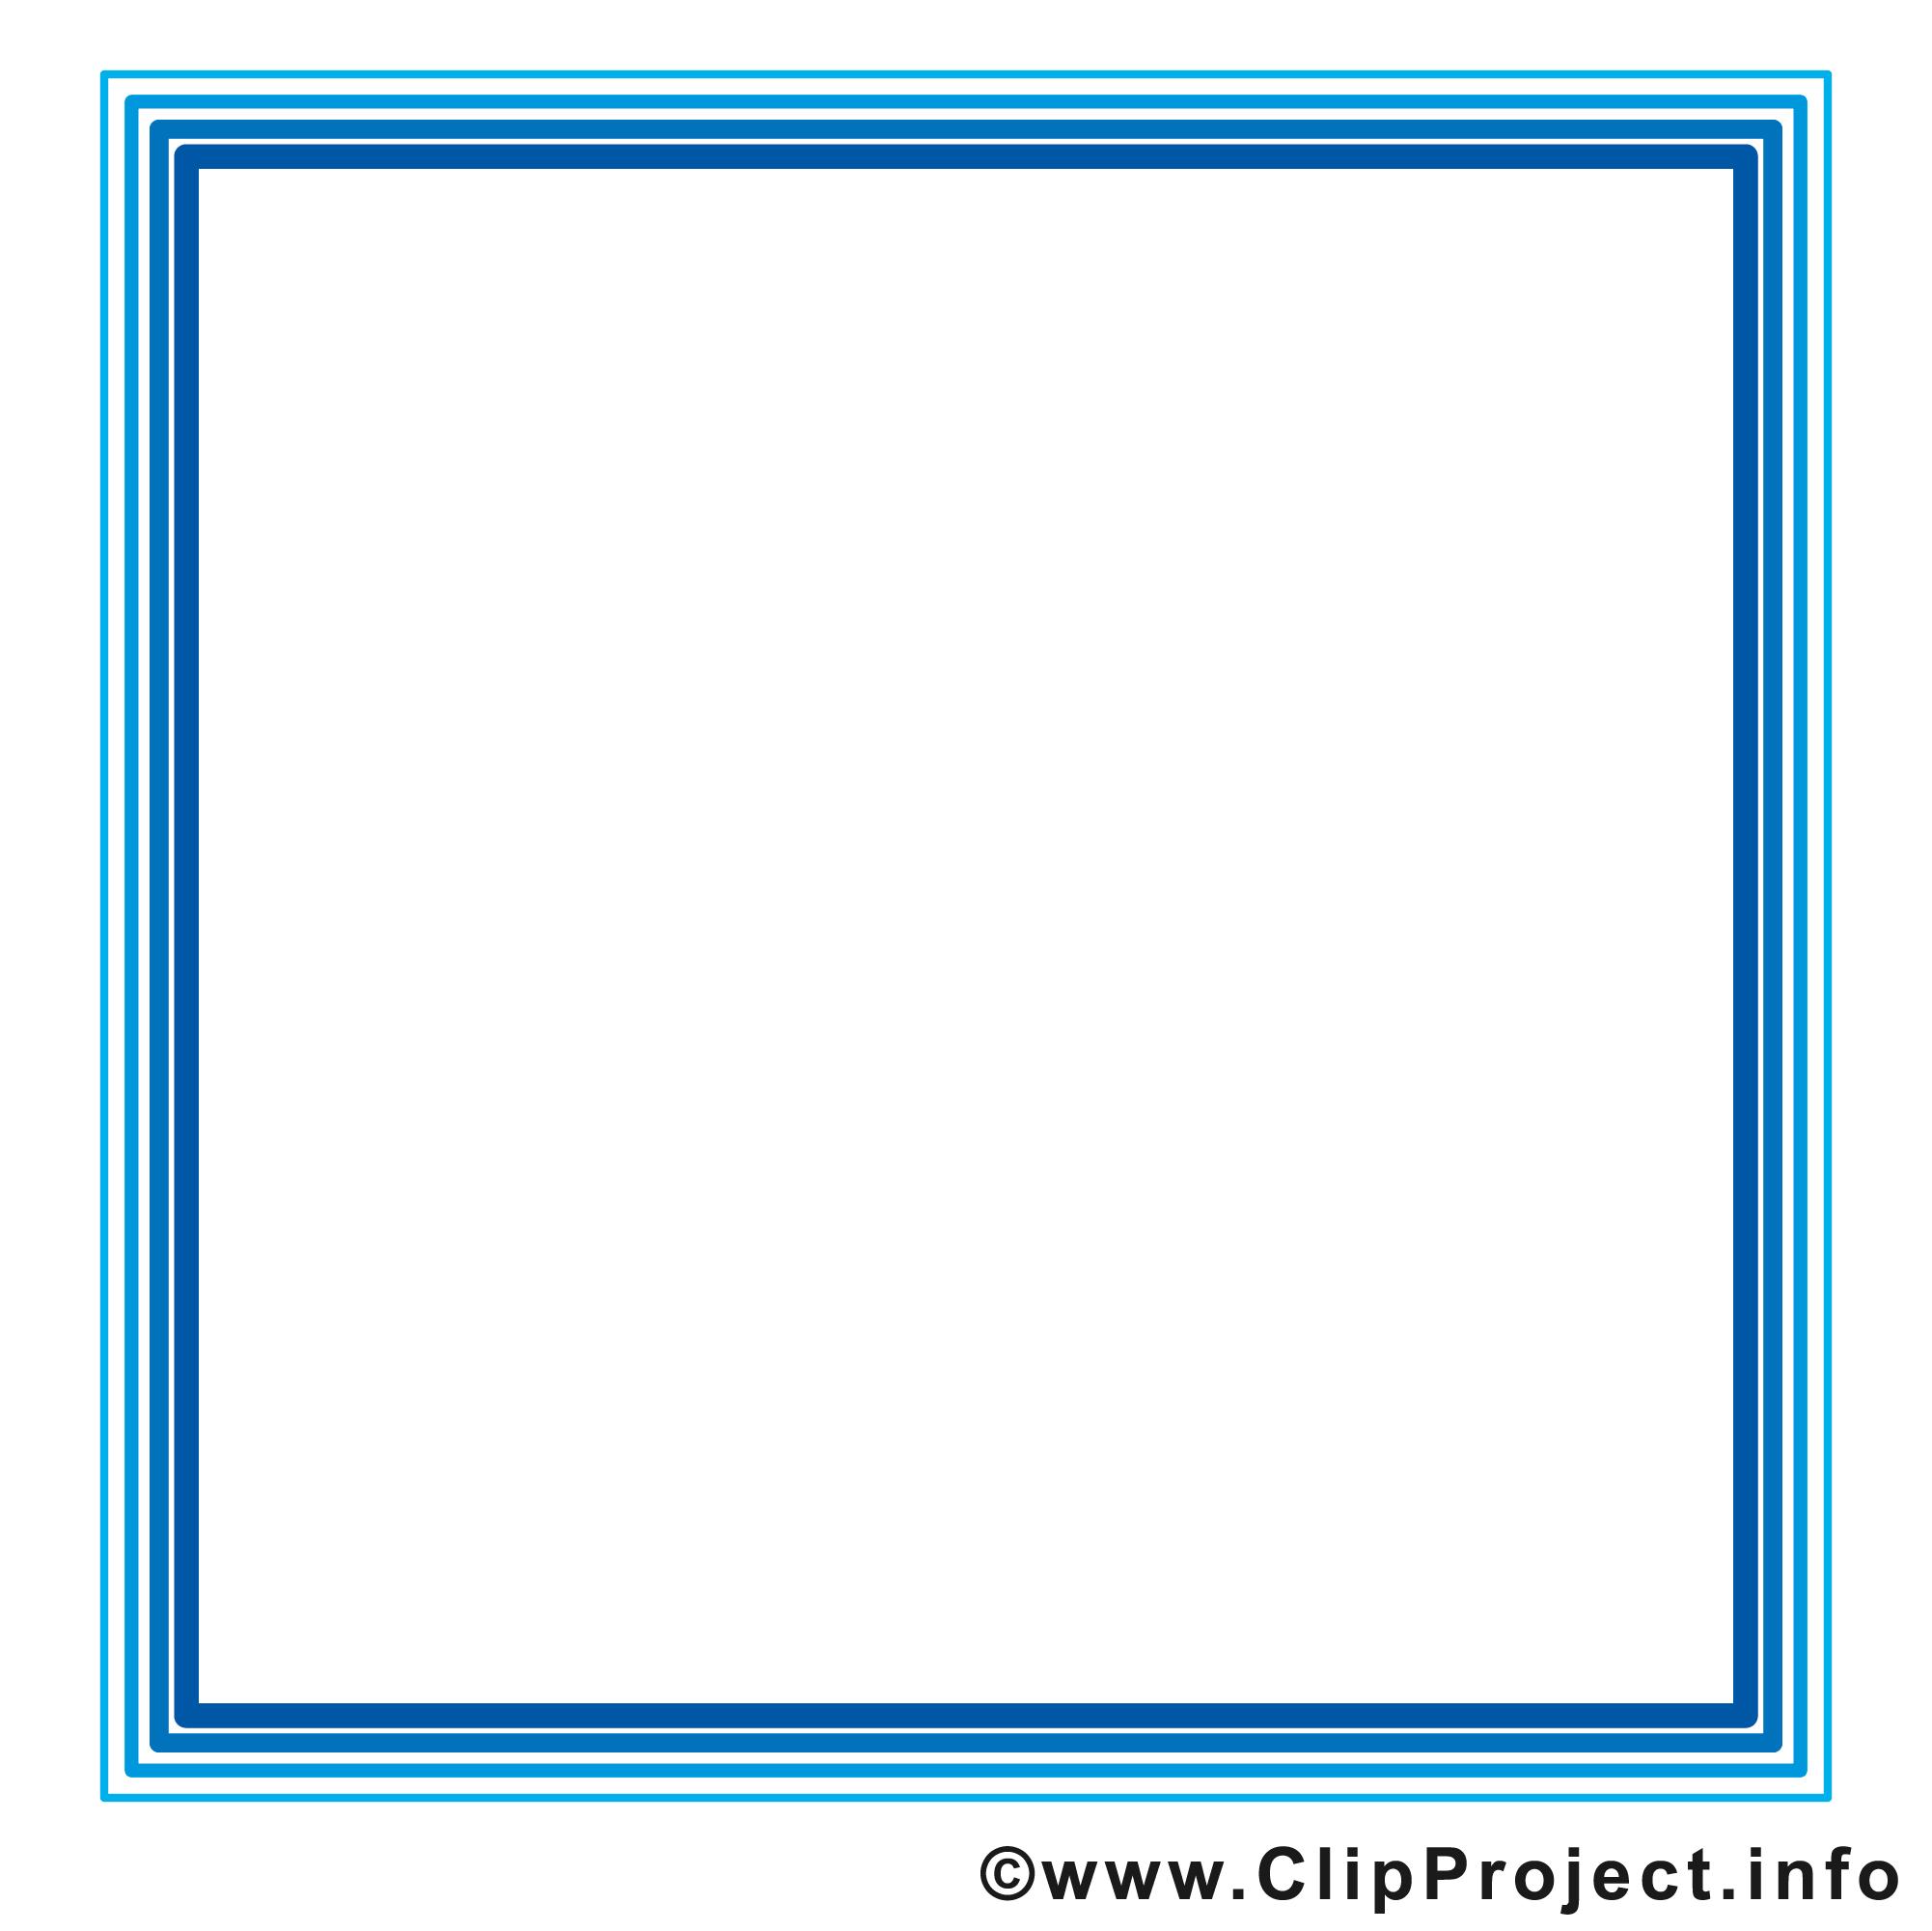 Décoration cliparts gratuis – Cadre images